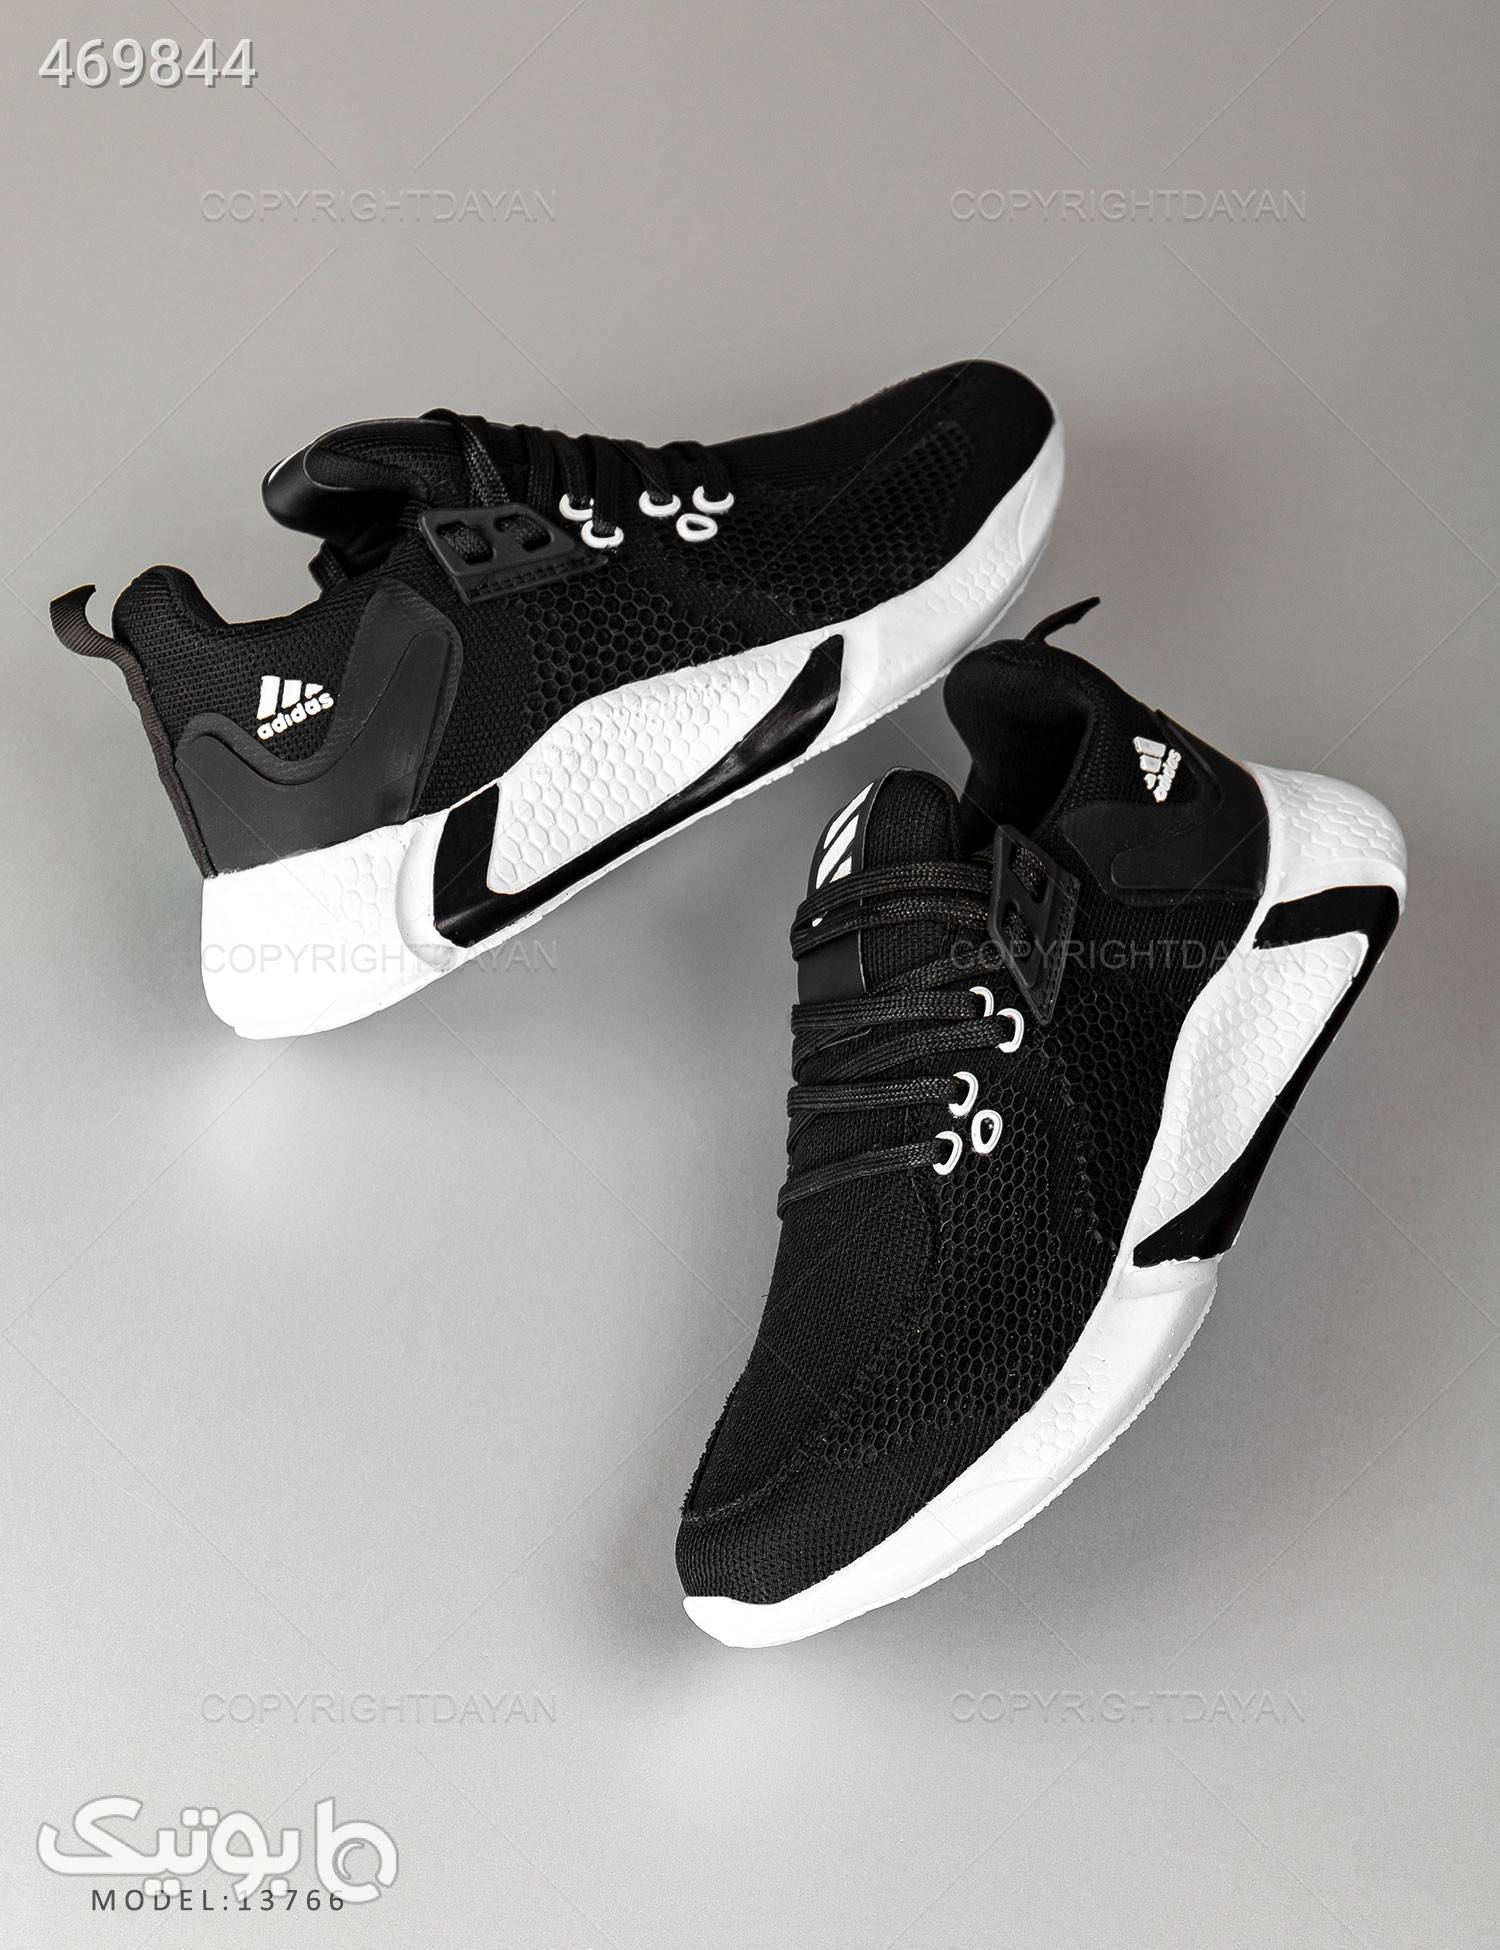 کفش روزمره مردانه Adidas مدل 13766 مشکی كتانی مردانه